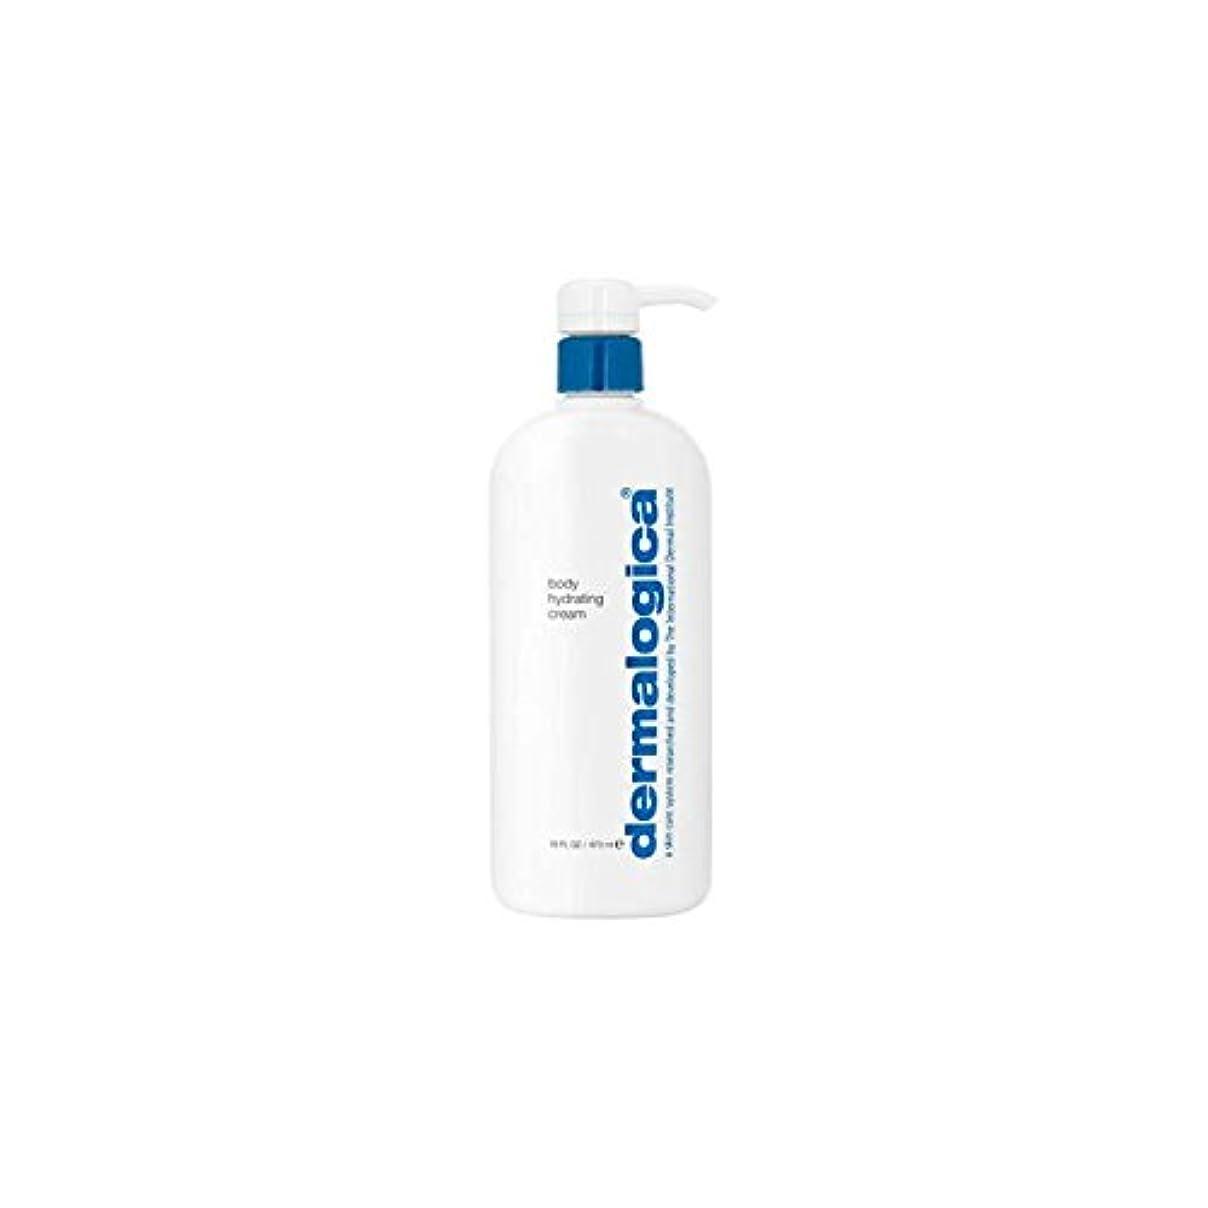 ガレージサバント時々[Dermalogica ] ダーマロジカボディハイドレイティングクリーム(473ミリリットル) - Dermalogica Body Hydrating Cream (473ml) [並行輸入品]